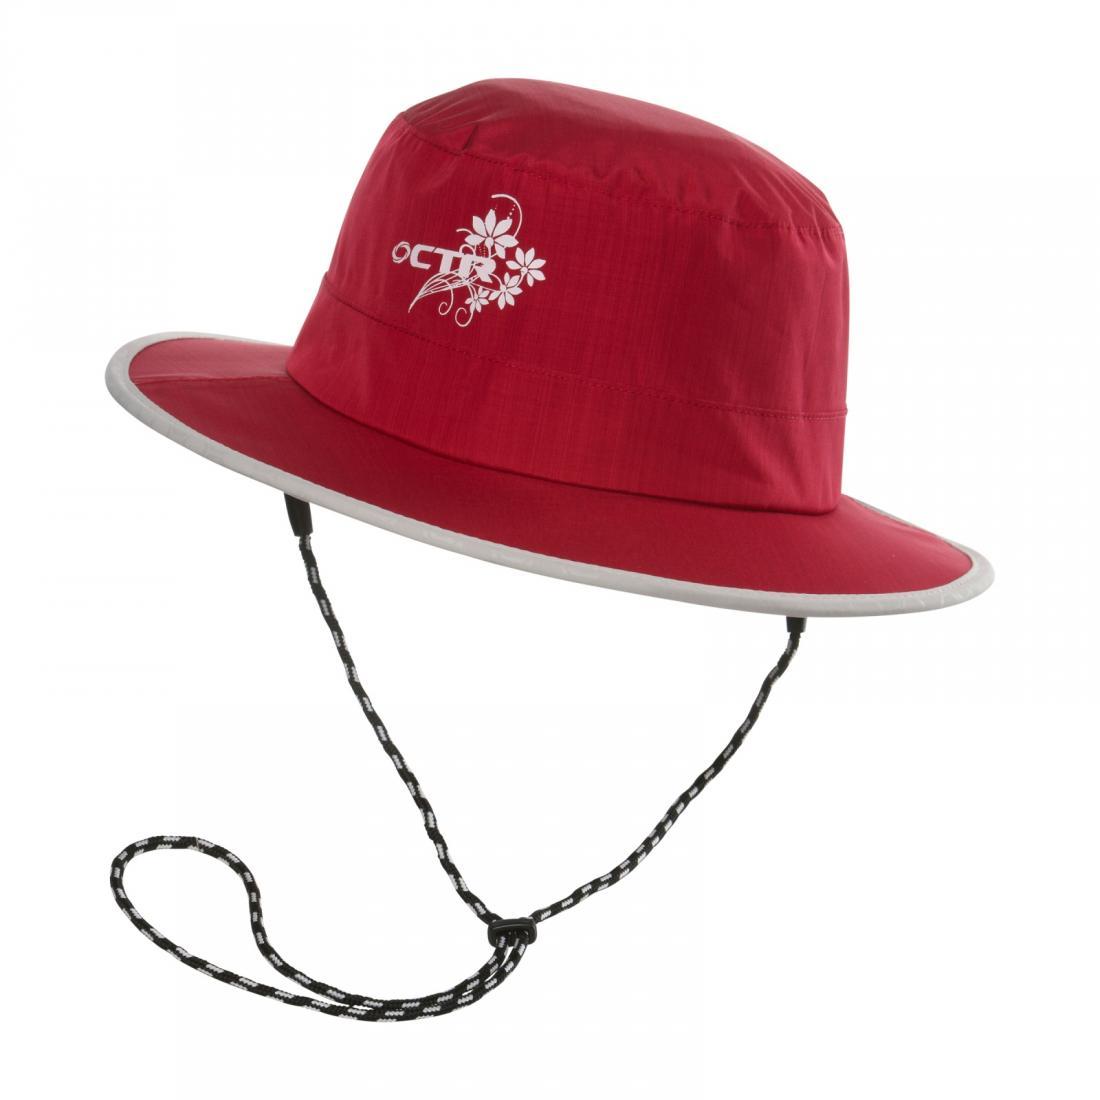 Панама Chaos  Stratus Bucket Hat (женс)Панамы<br><br> Женская панама Chaos Stratus Bucket Hat привлекает внимание сочными оттенками и небольшим элегантным принтом. Она станет верной спутницей в путешествиях и незаменимой помощницей в любую погоду. Эта модель одинаково хорошо защищает от ярких солнечны...<br><br>Цвет: Красный<br>Размер: L-XL